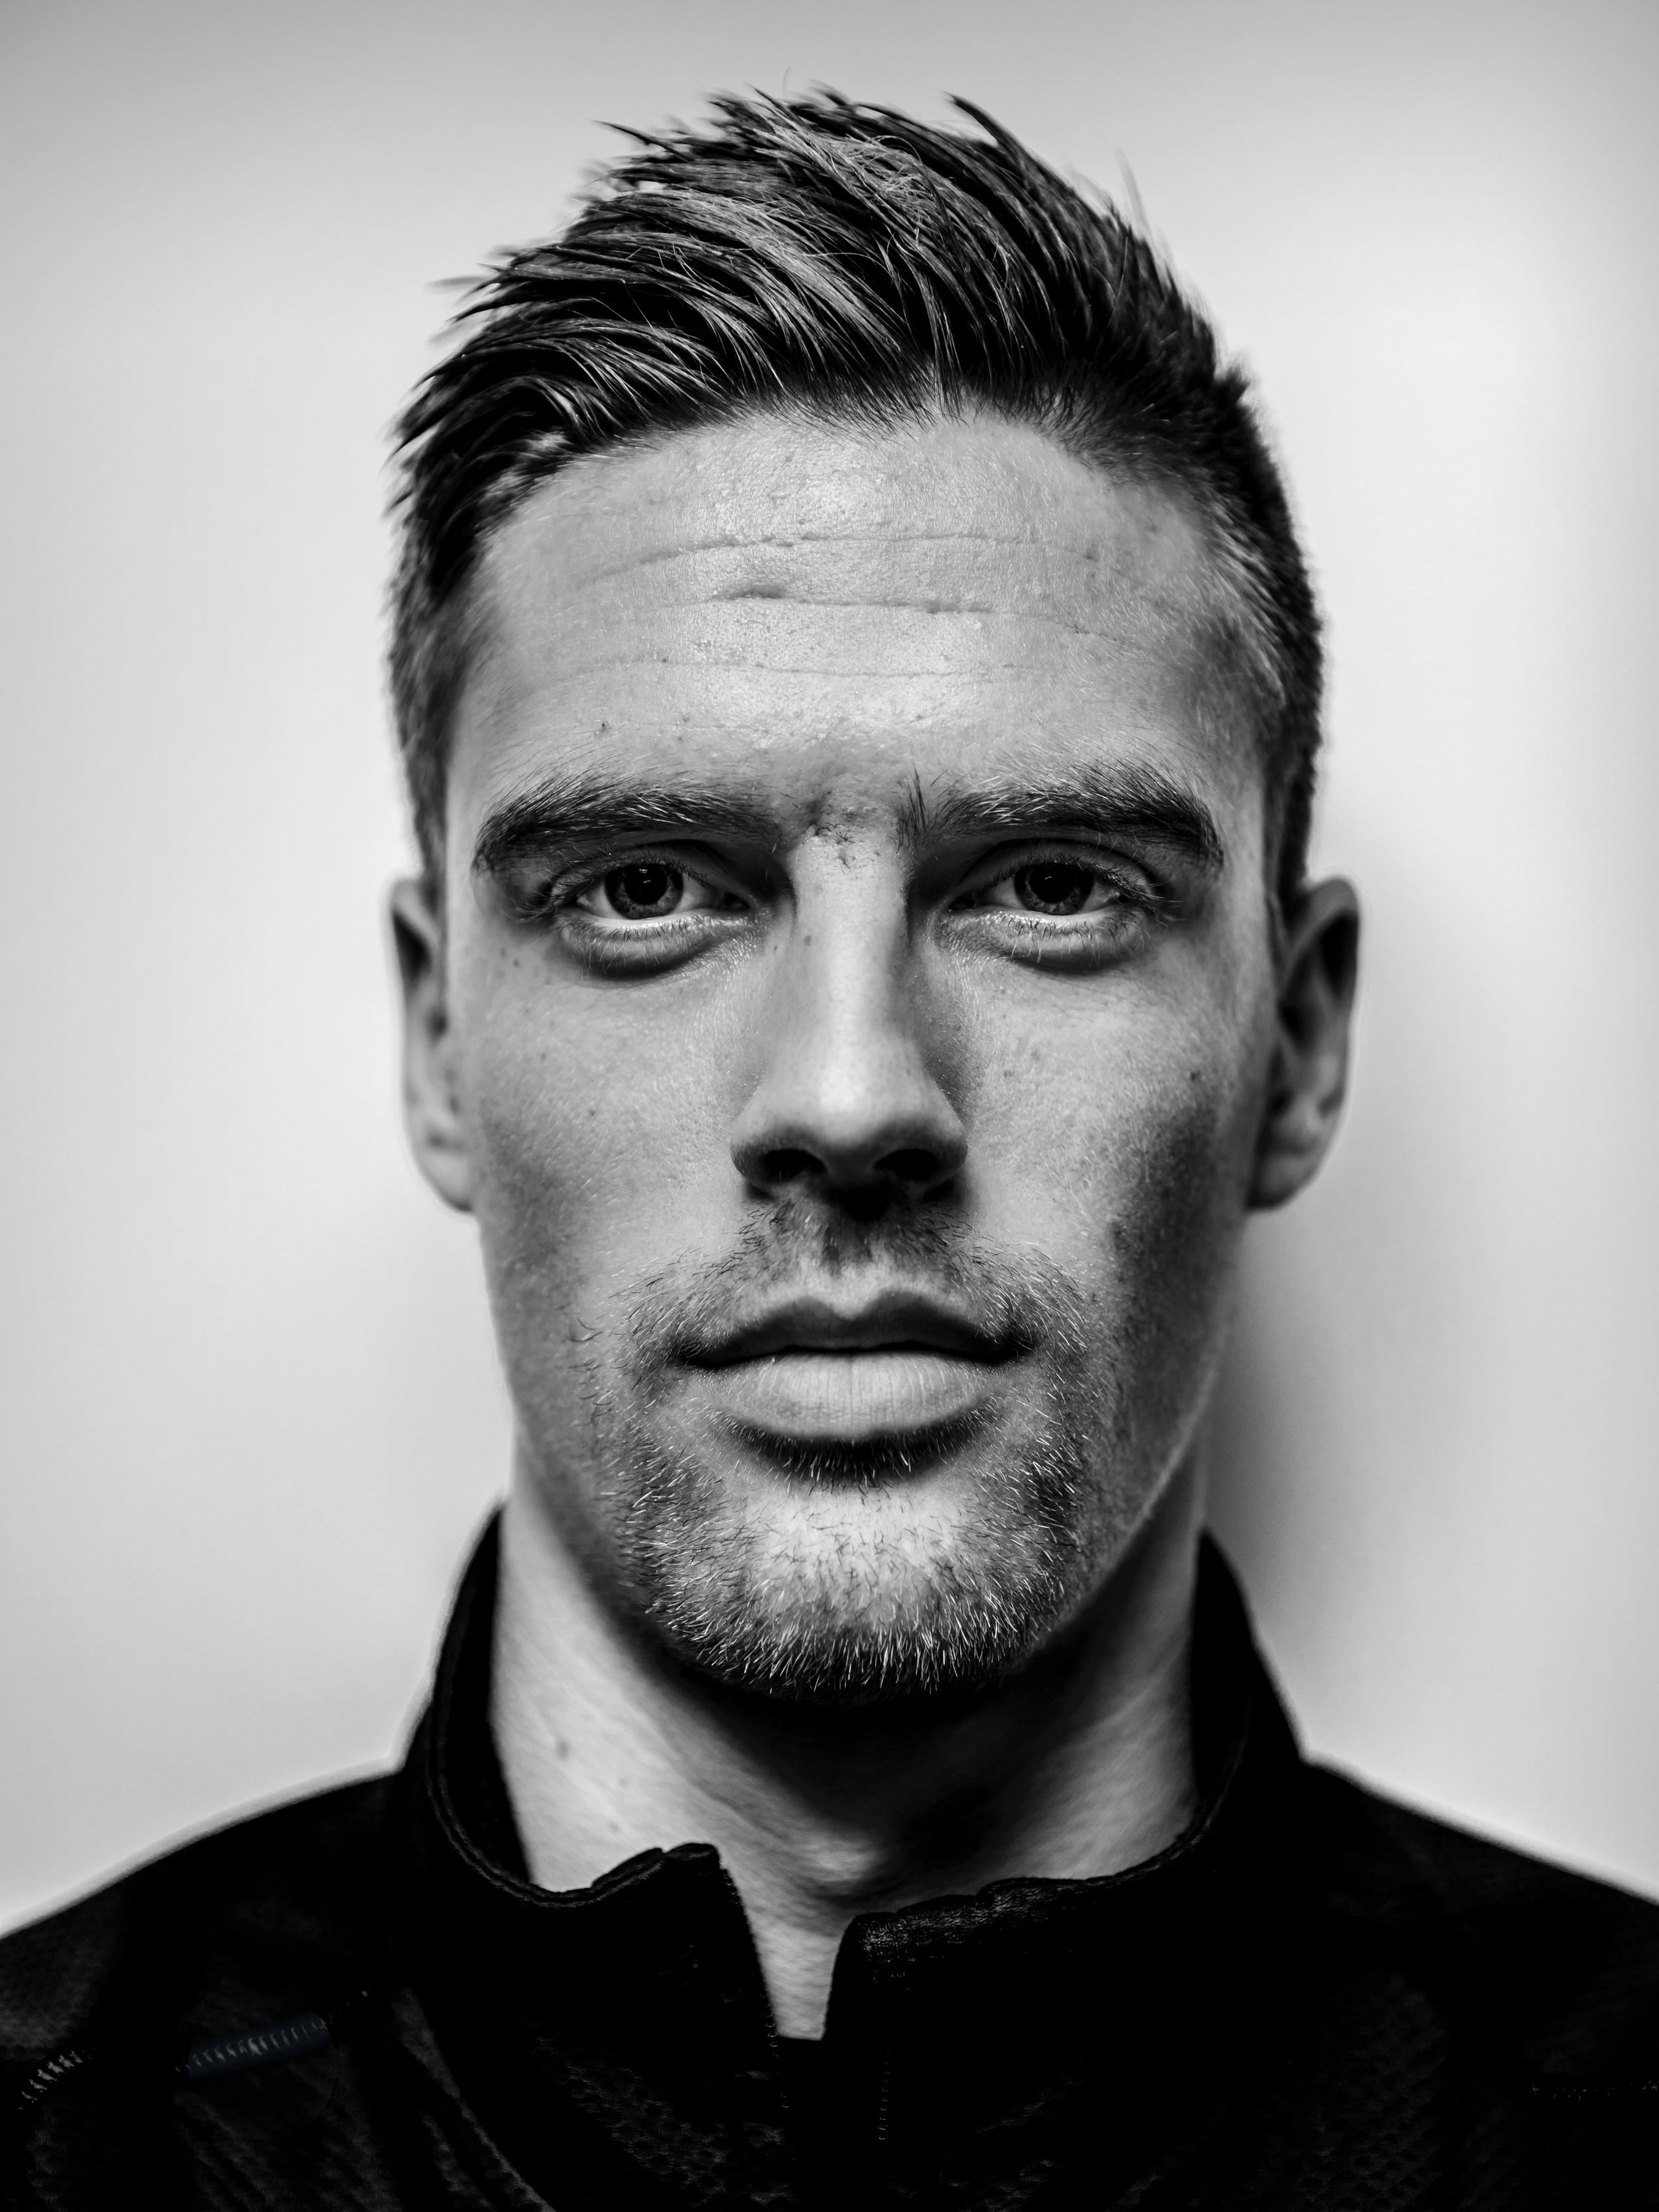 Markus Henriksen